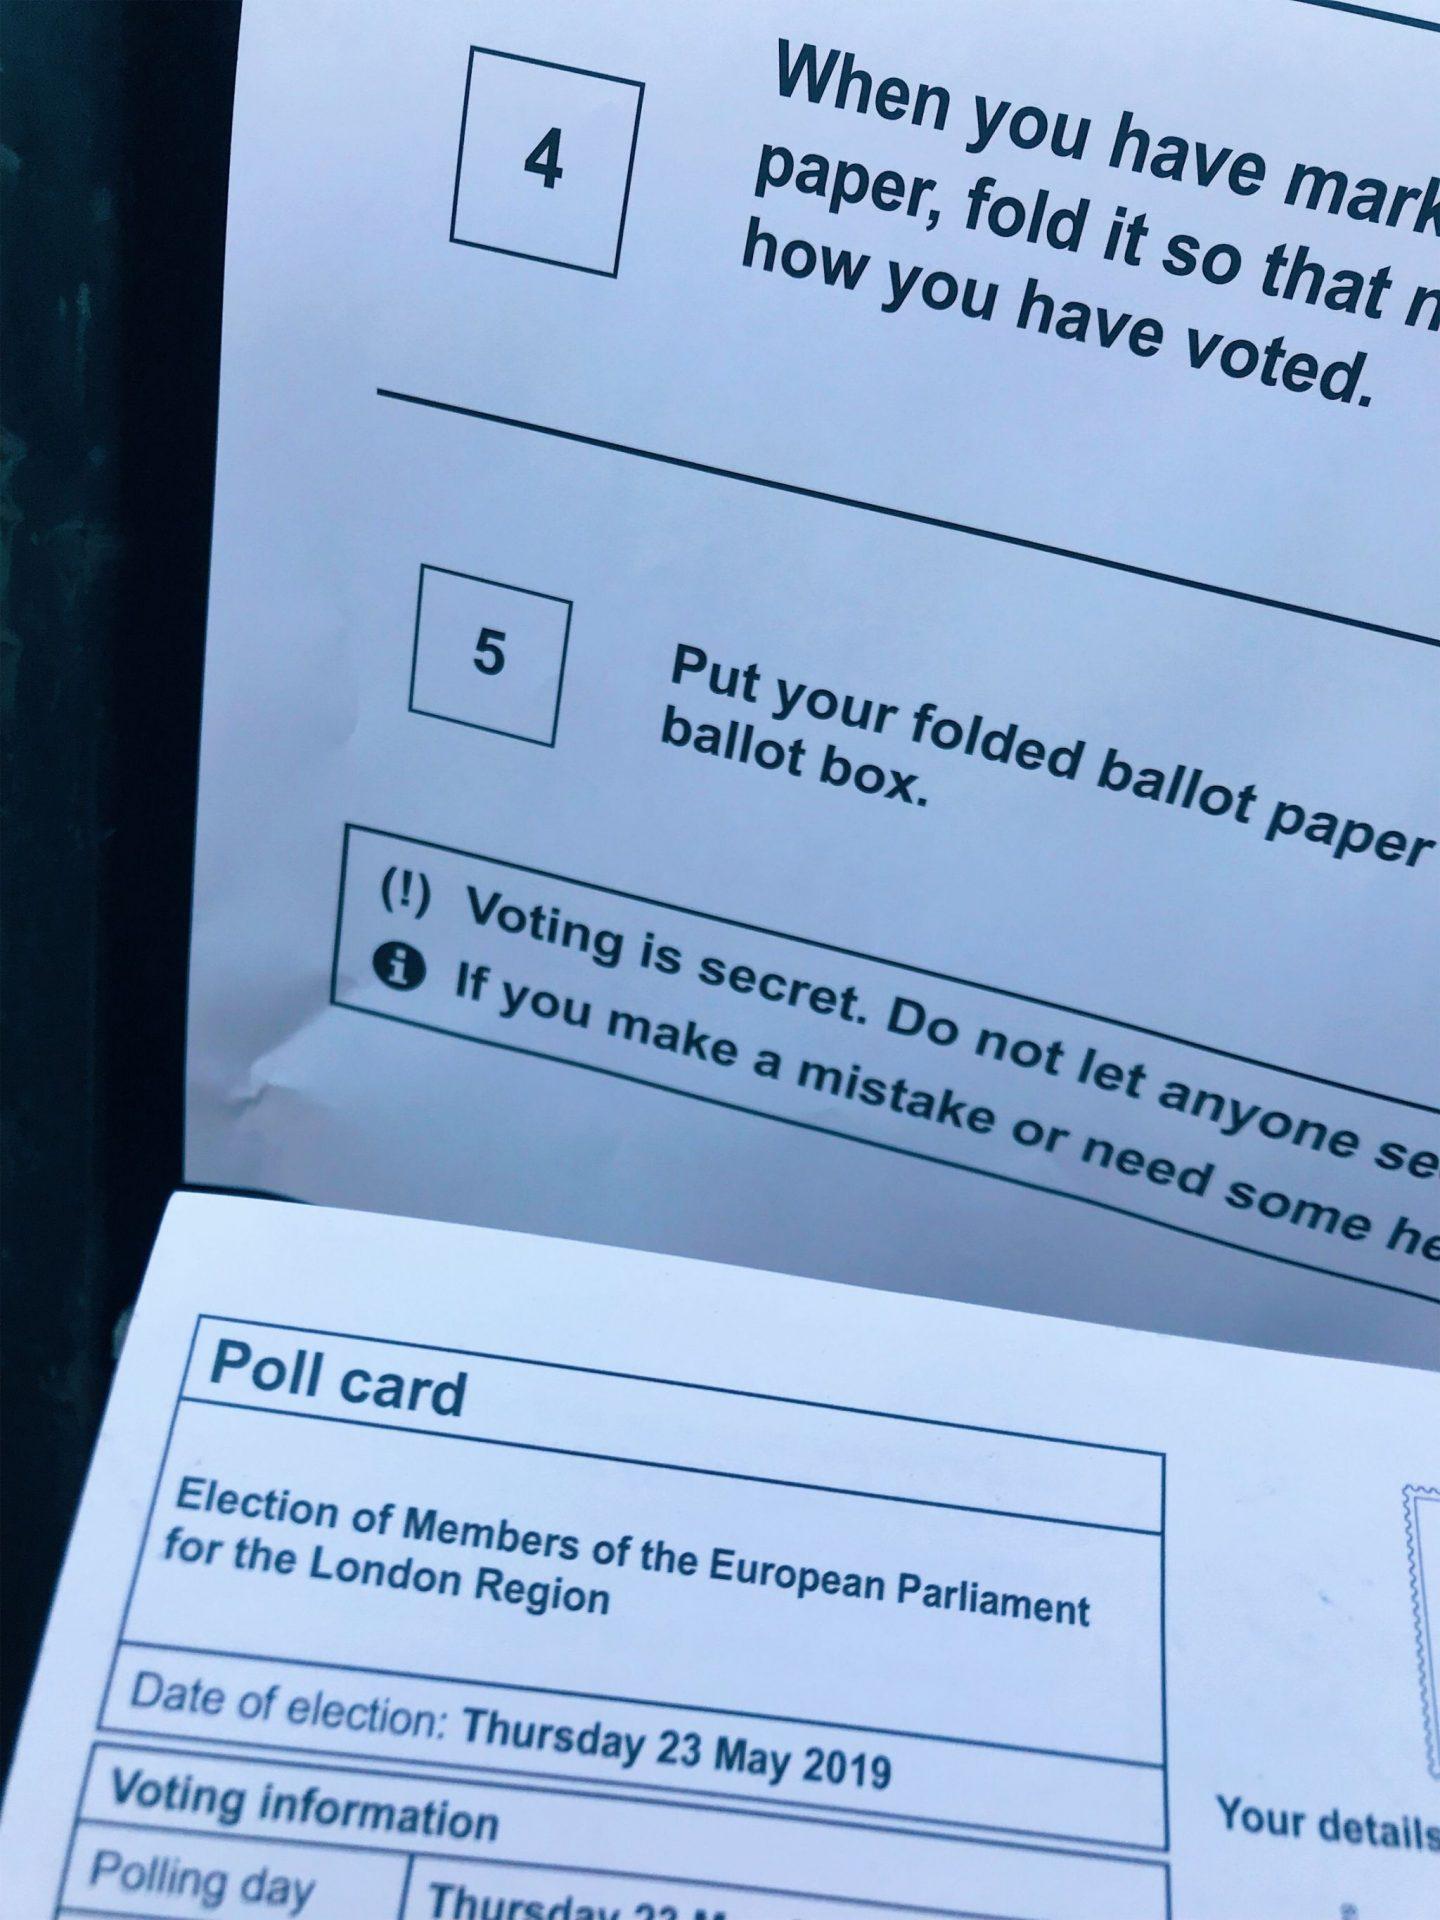 Polling is SECRET